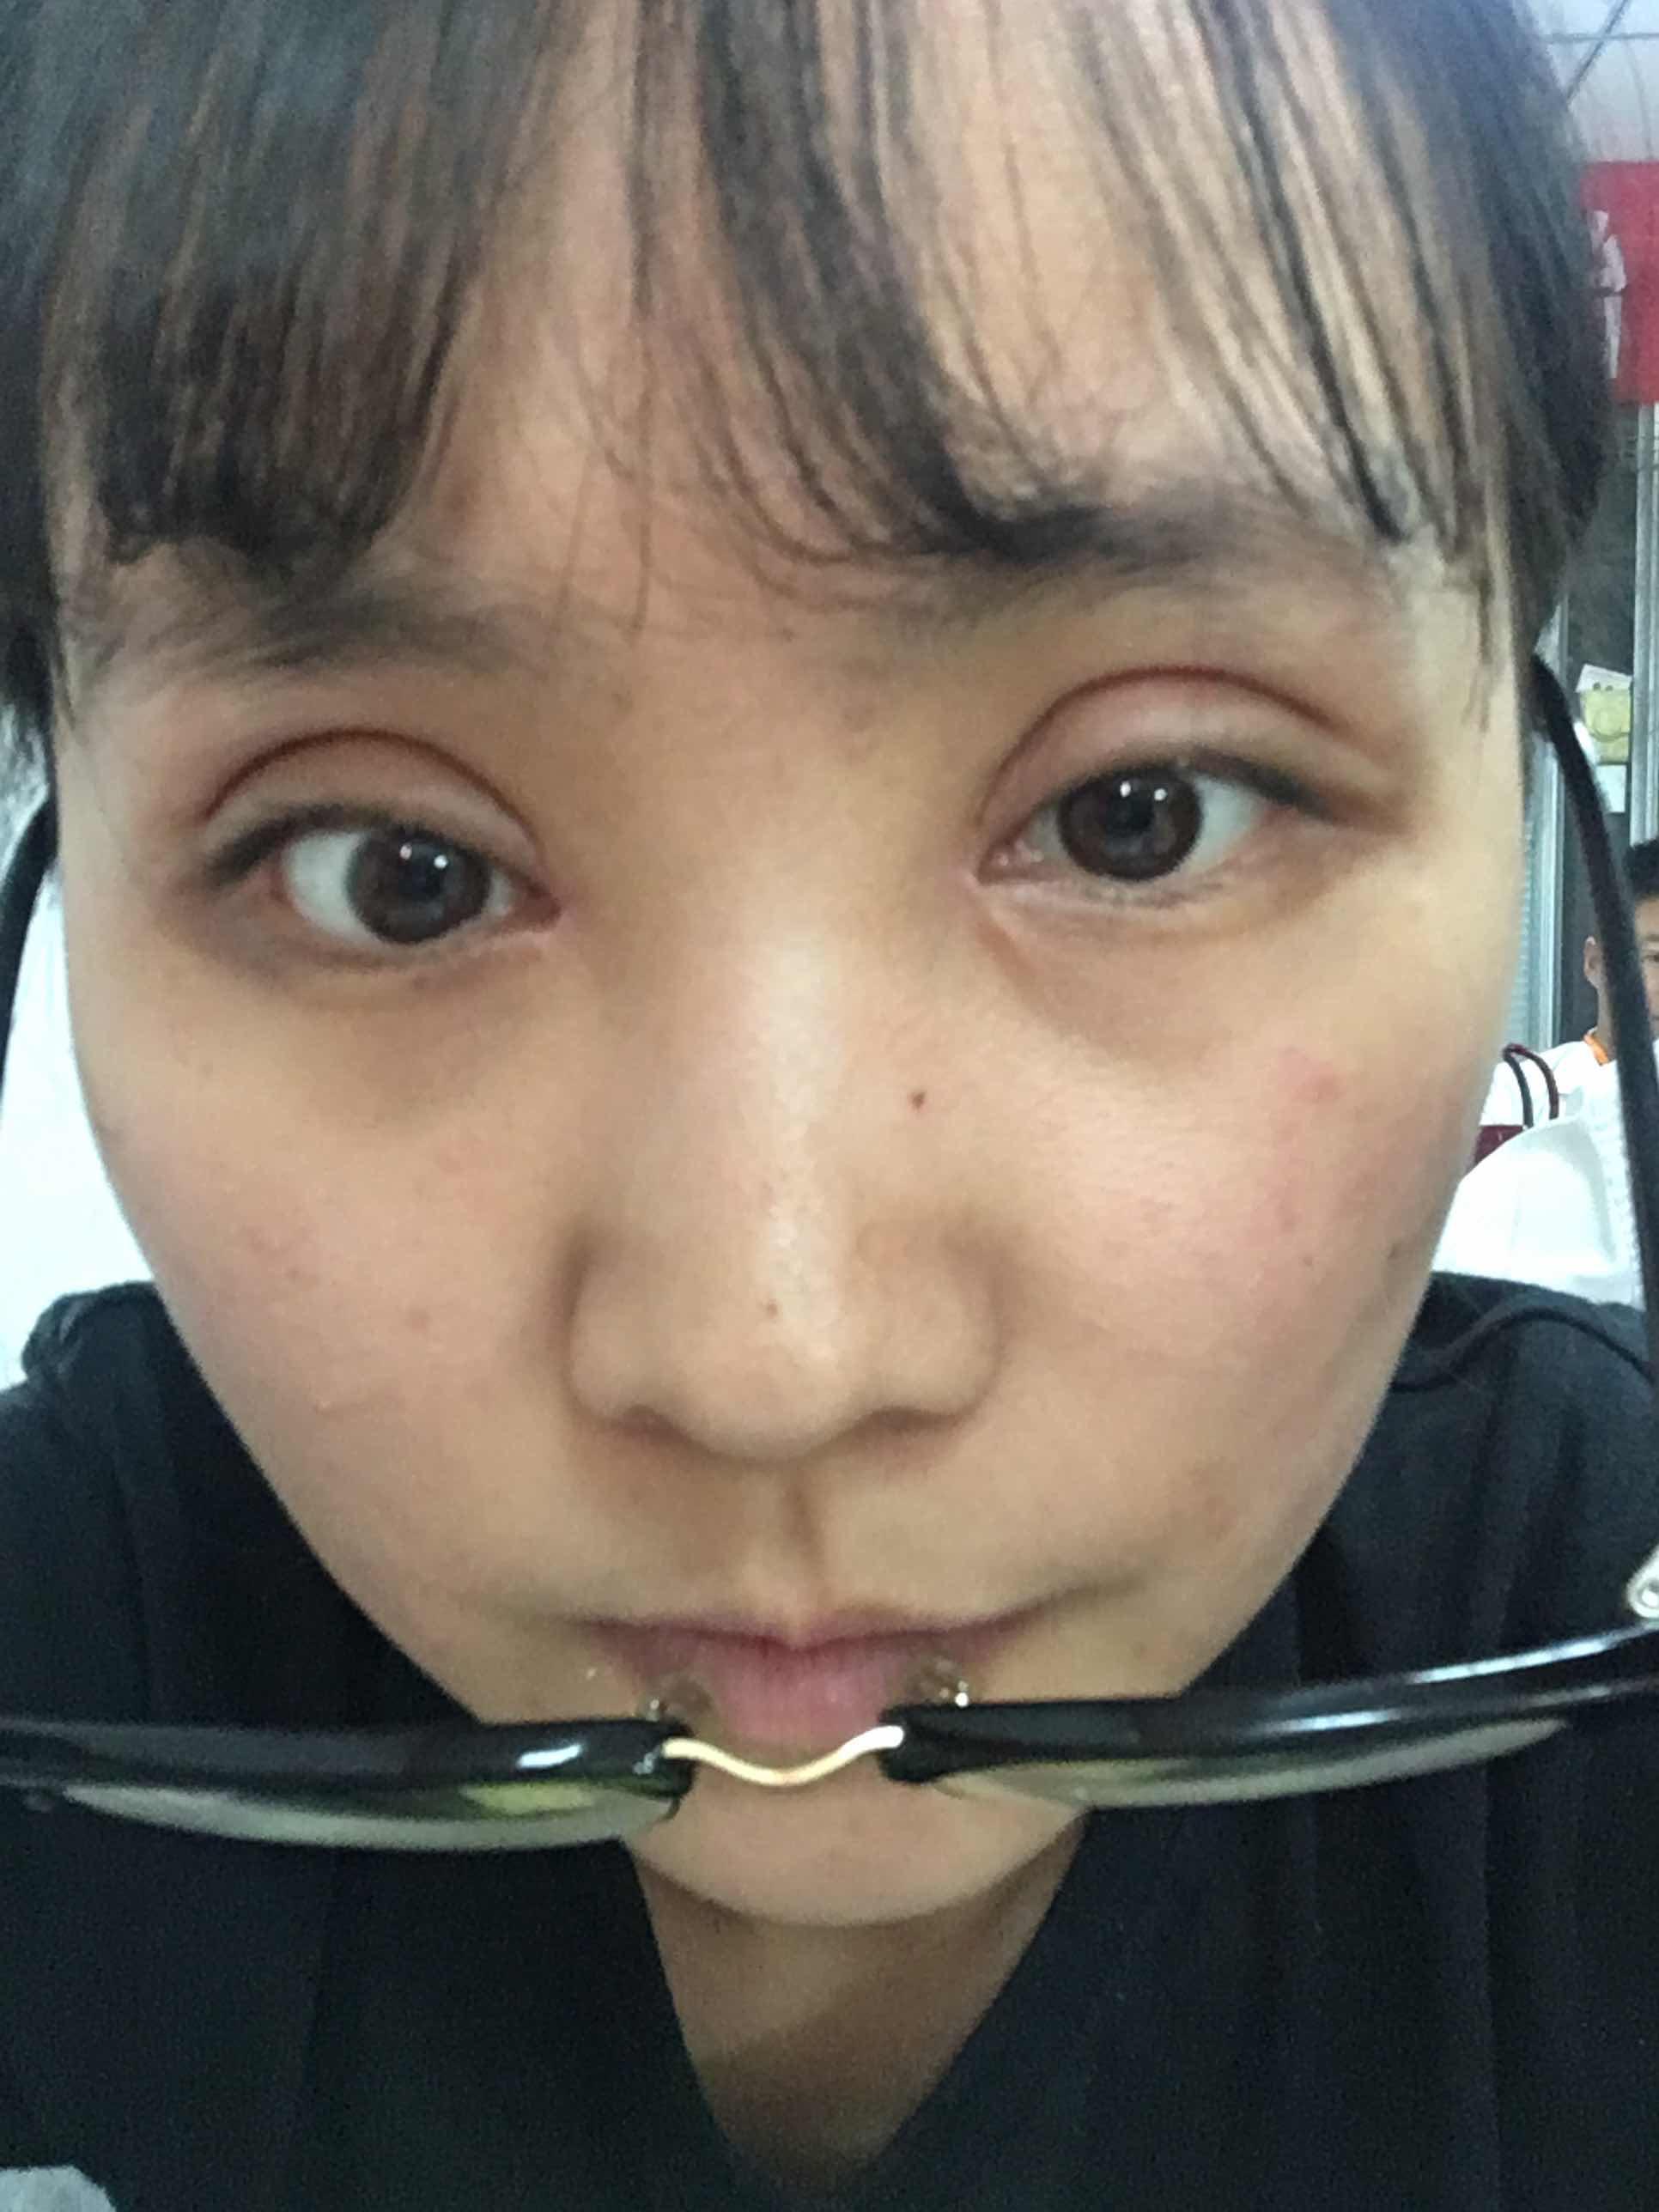 开眼角多久才能恢复,全切双眼皮加开眼角已经半个月了,为什么还肿,什么时候才能消肿呢,是否正常呢?